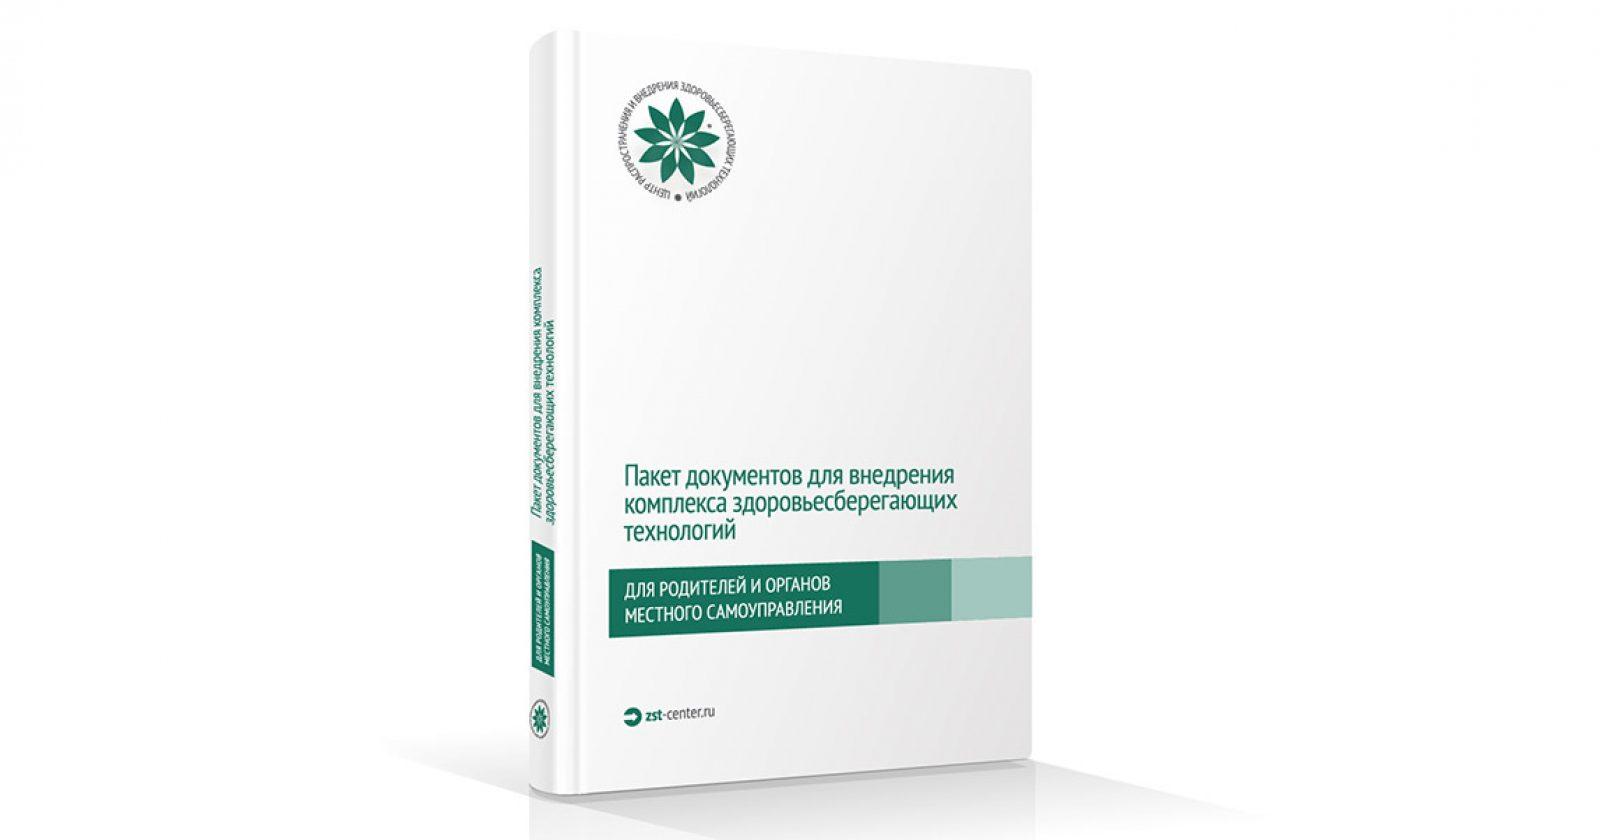 Пакет документов для внедрения здоровьесберегающих технологий